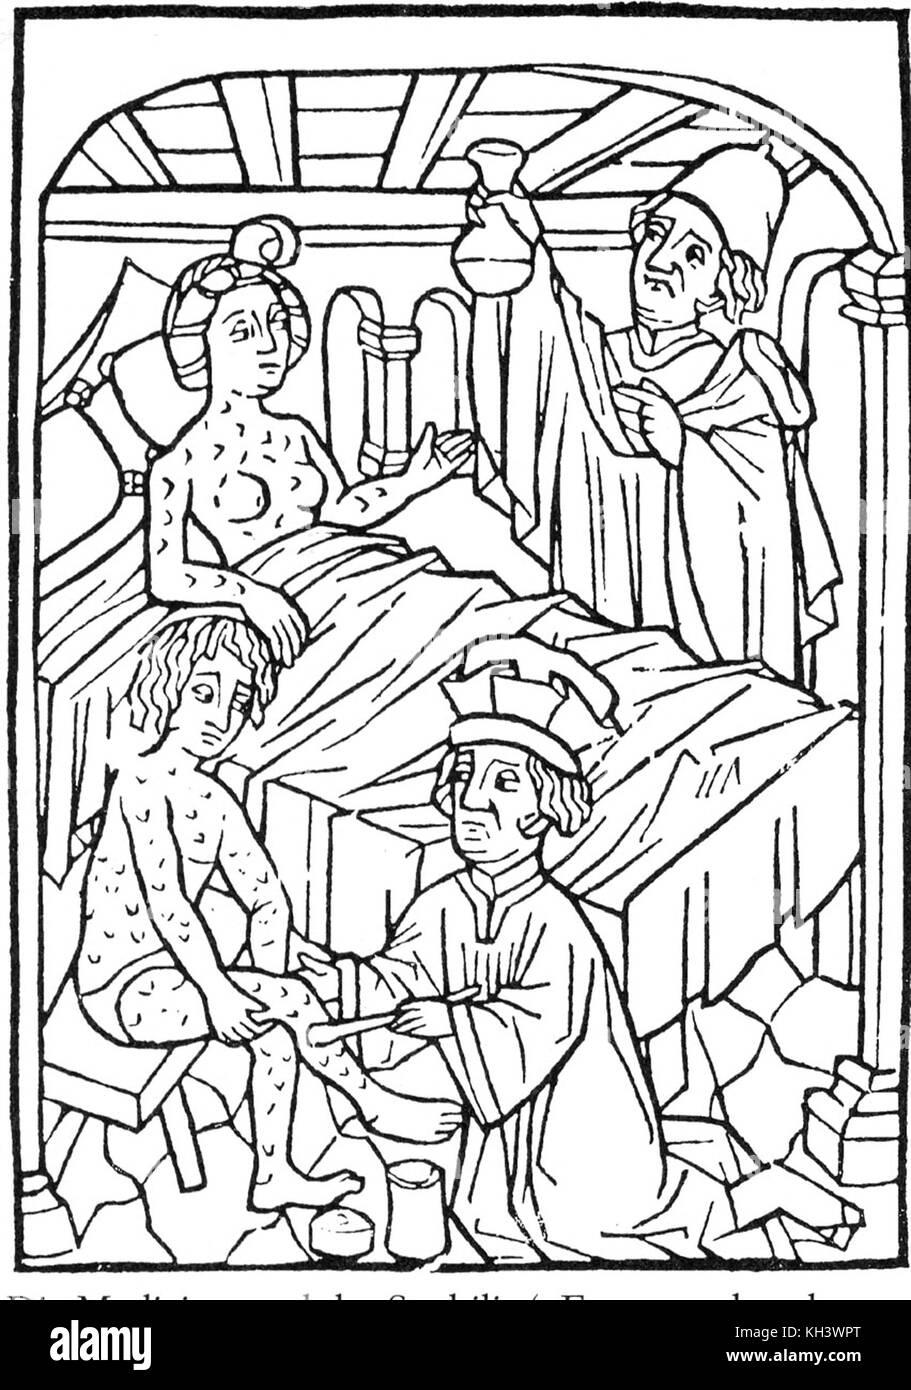 Syphilis. Eine frühzeitige medizinischen Abbildung von Menschen mit Syphilis, Wien, 1498 Stockbild